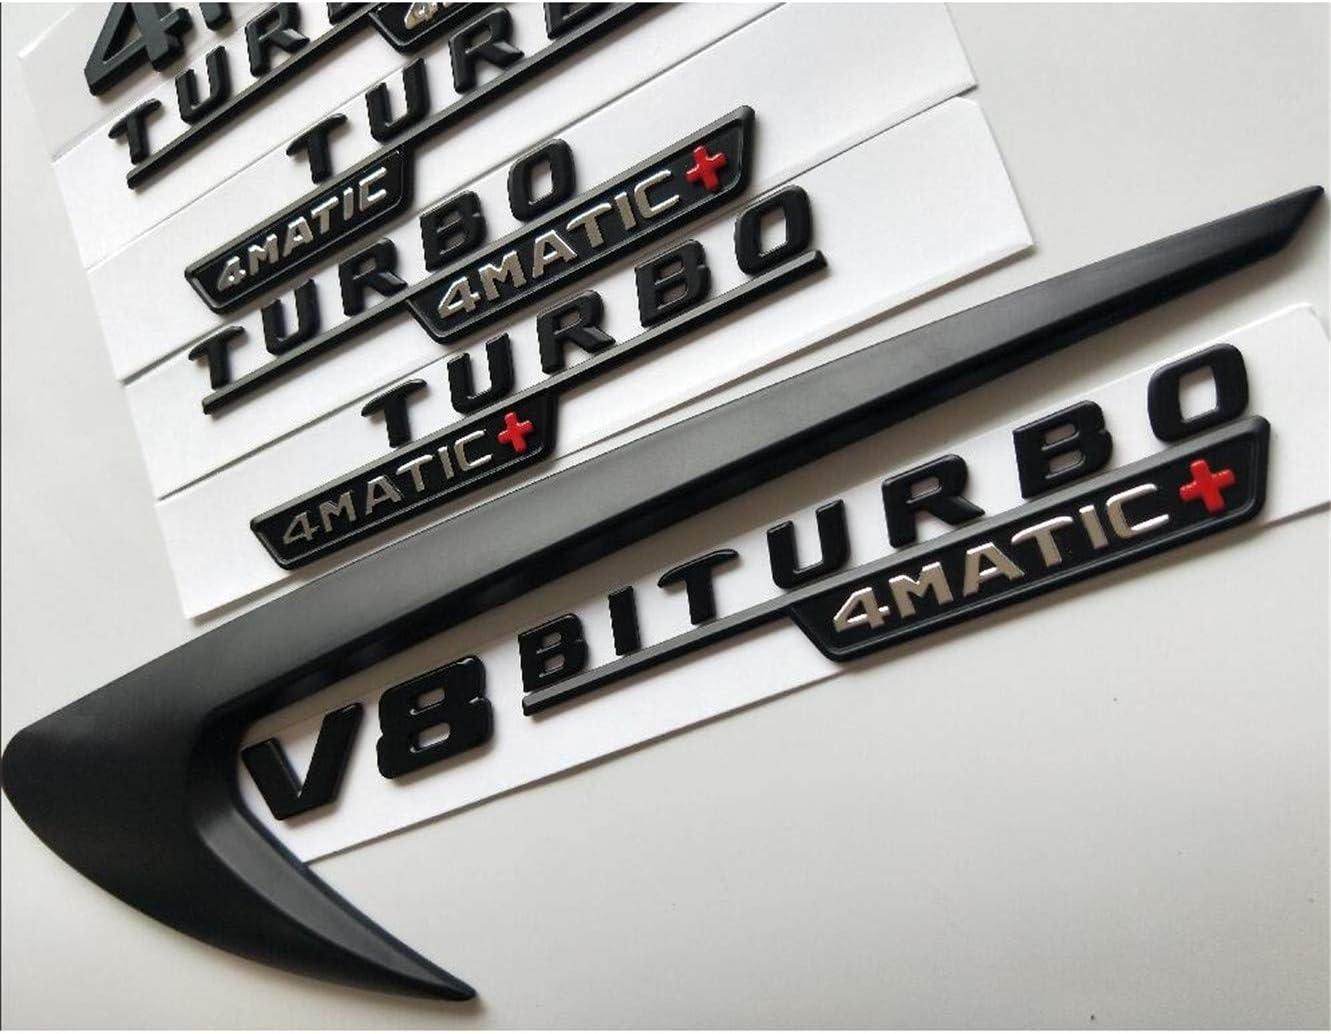 cvnbdfgjhdfjh Schwarze Buchstaben CLA45 V8 BITURBO Turbo 4 Matic Schutzblech Kofferraum Emblem Emblem Badges AMG C117 X117